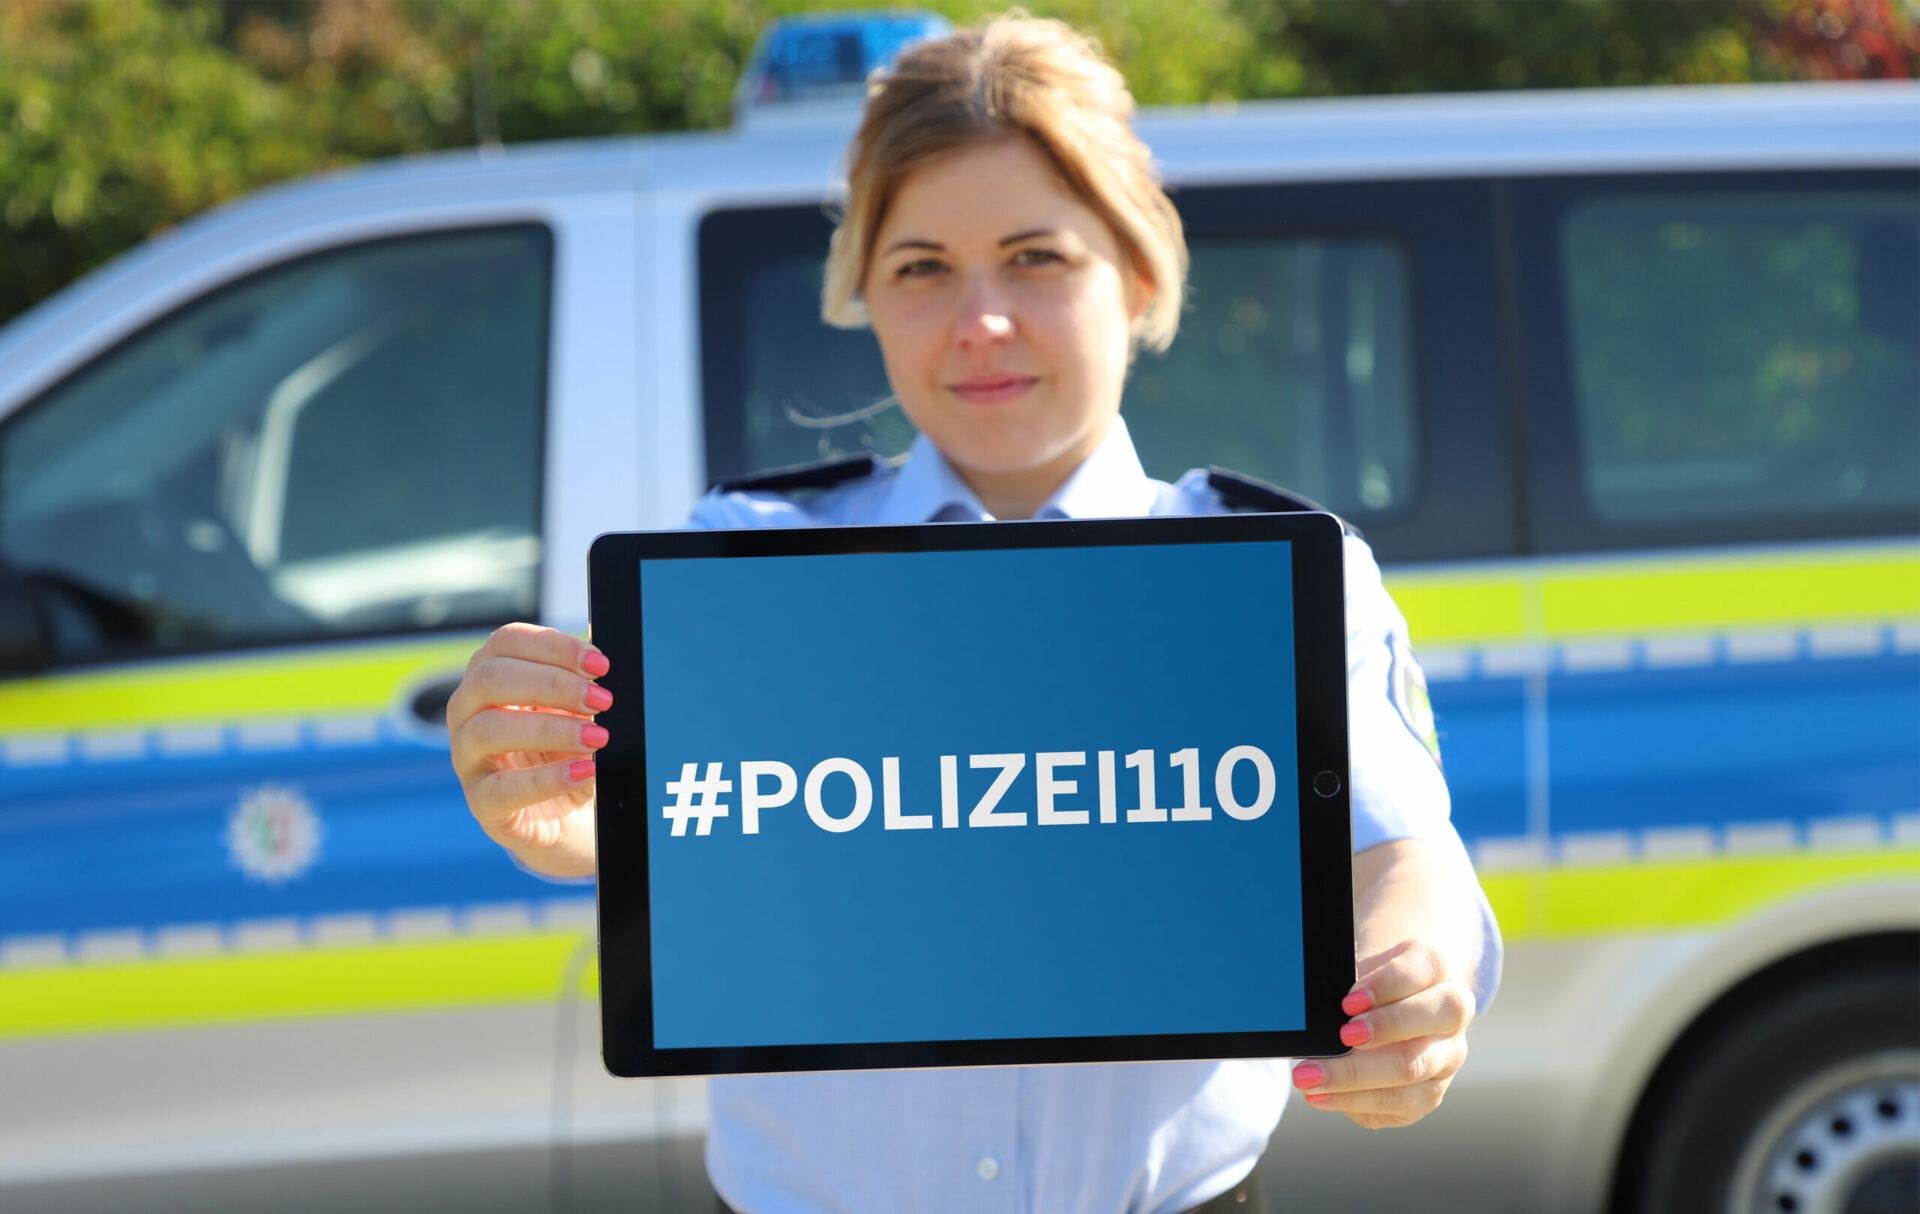 Twittermarathon: Kreispolizeibehörde Unna zwitschert am 1. Oktober 2021 über laufende Einsätze im Kreis Unna